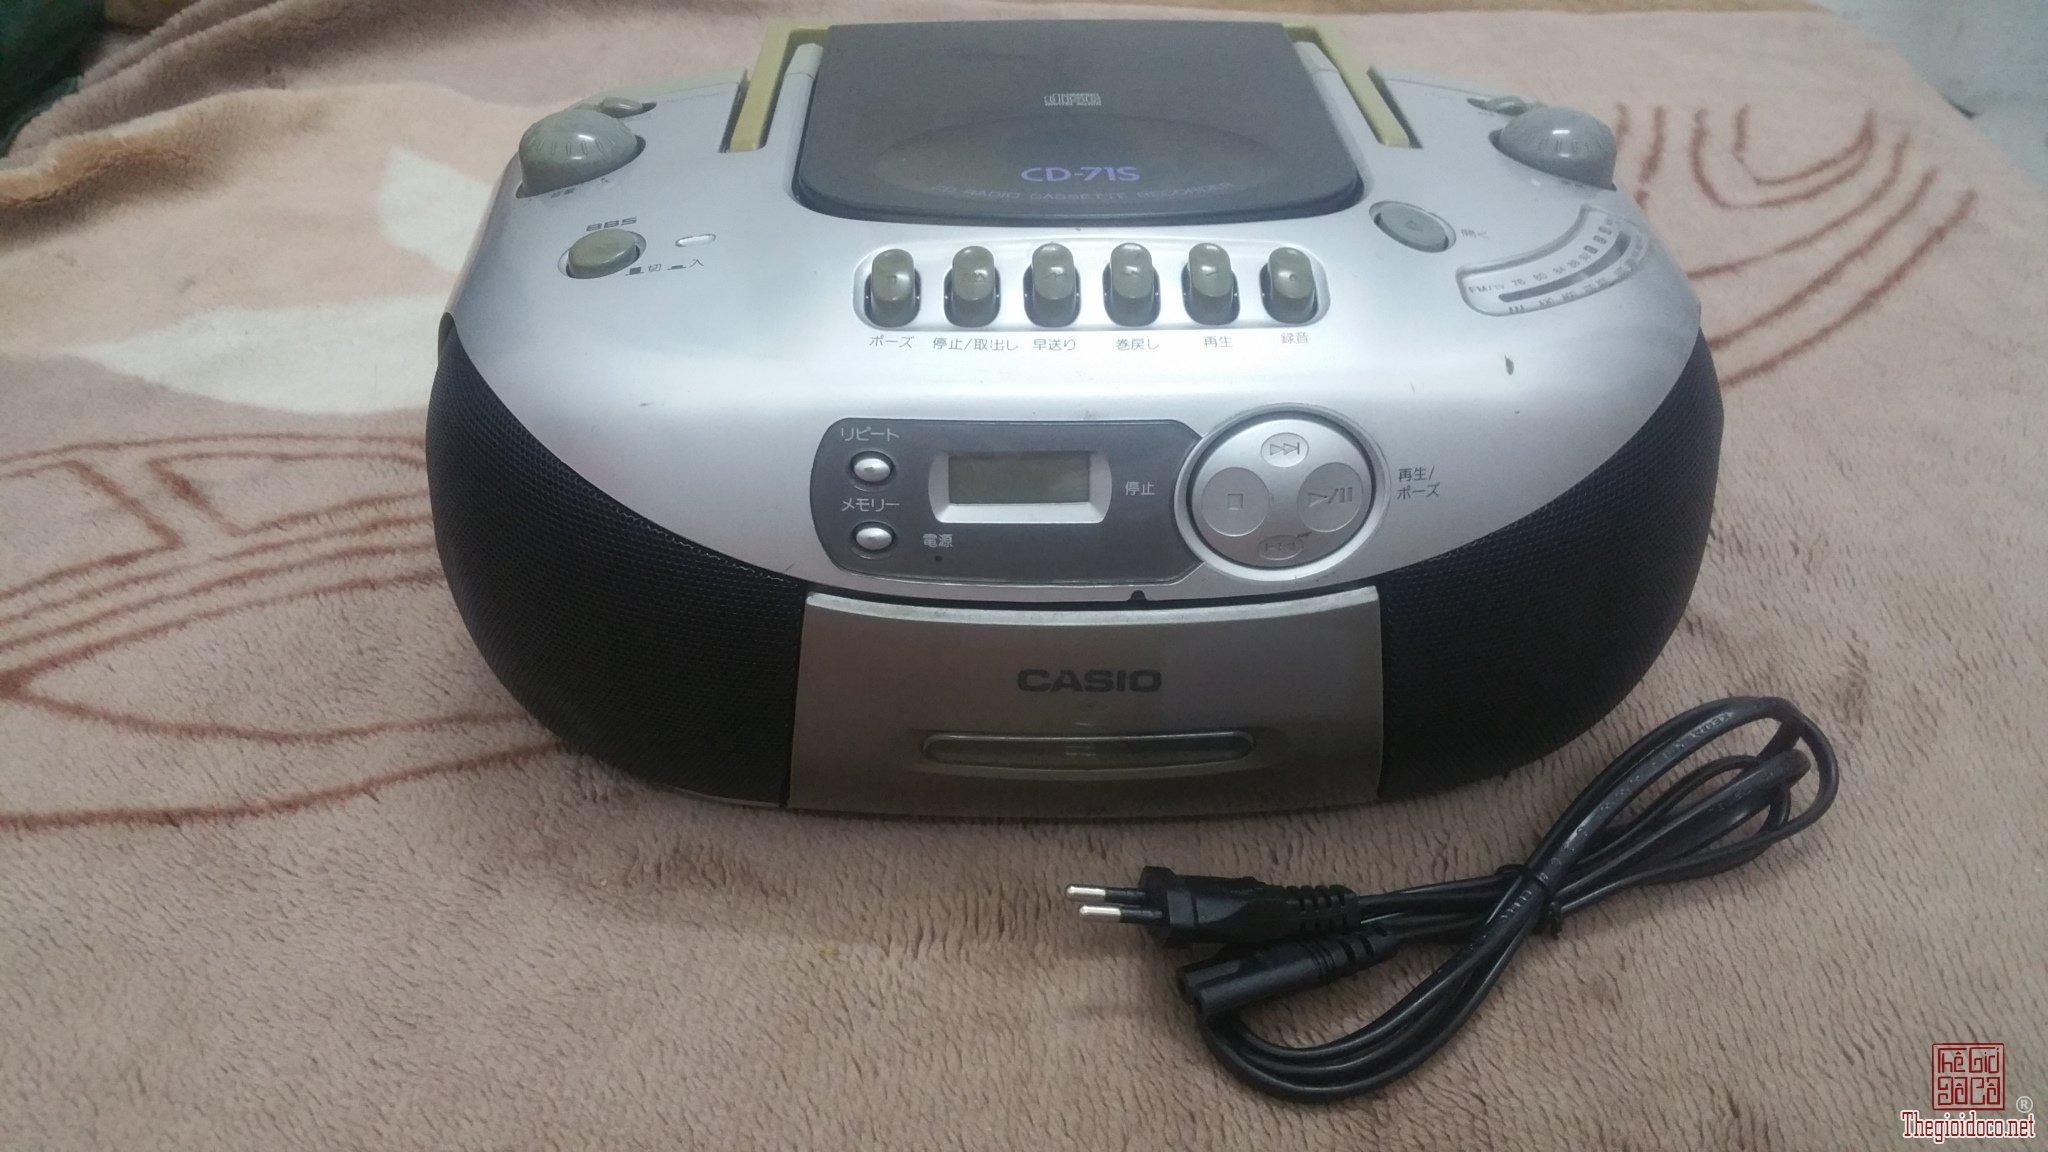 Đài Casio CD - 71s (Dành cho...